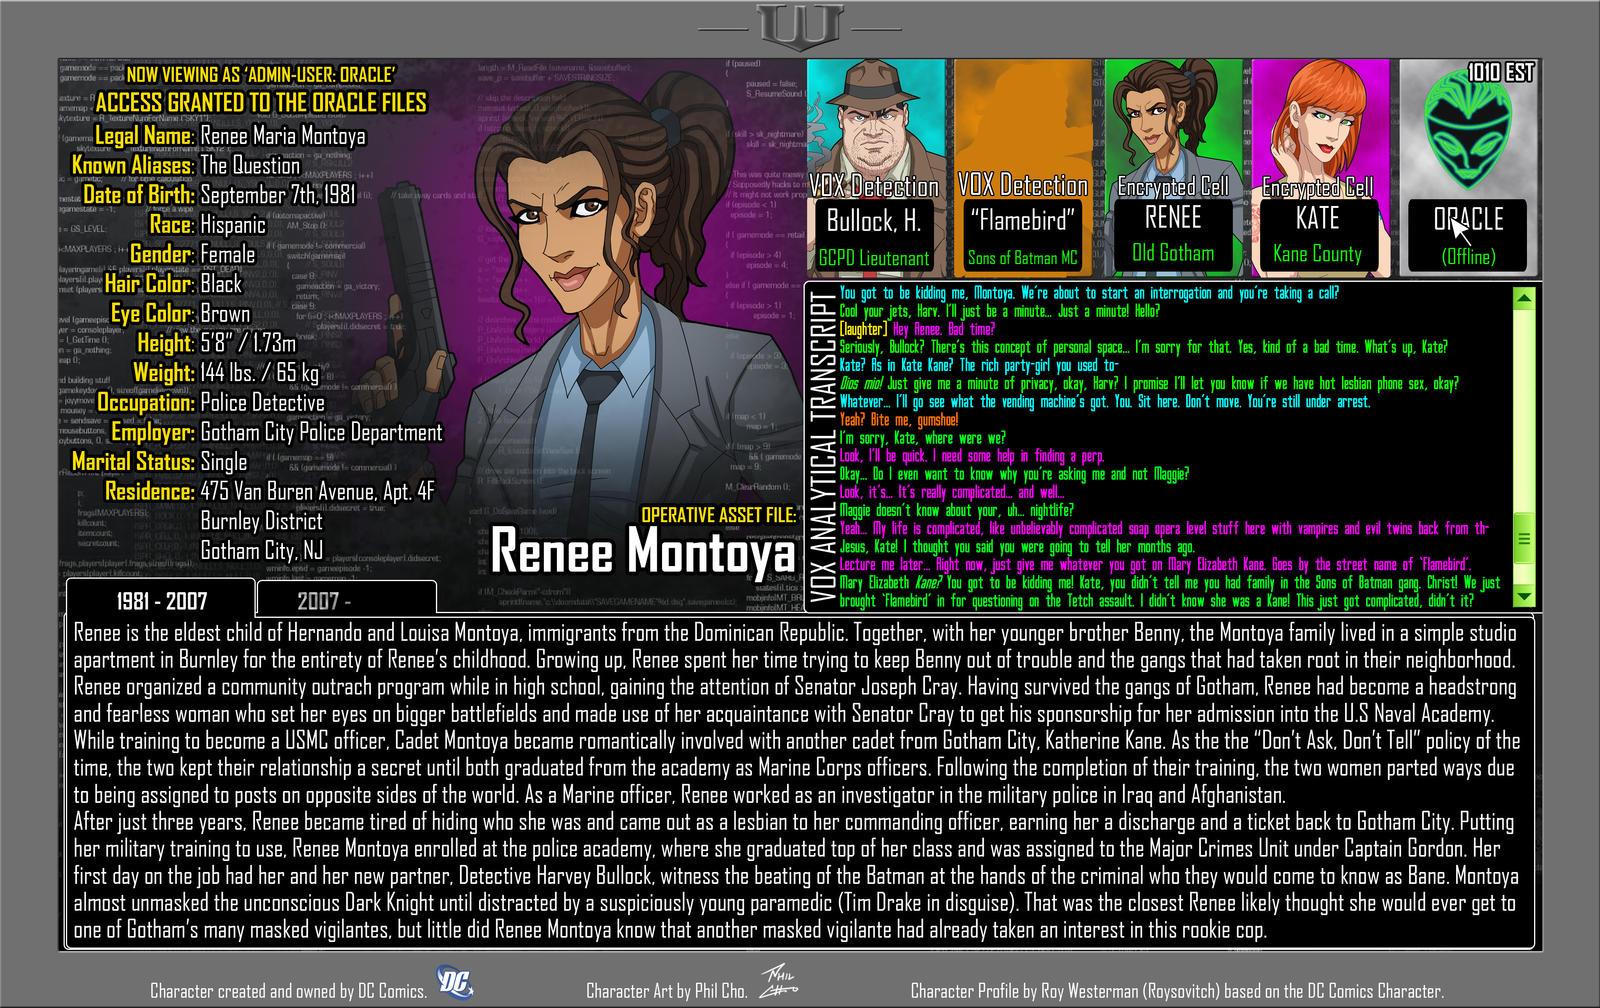 Oracle Files - Renee Montoya